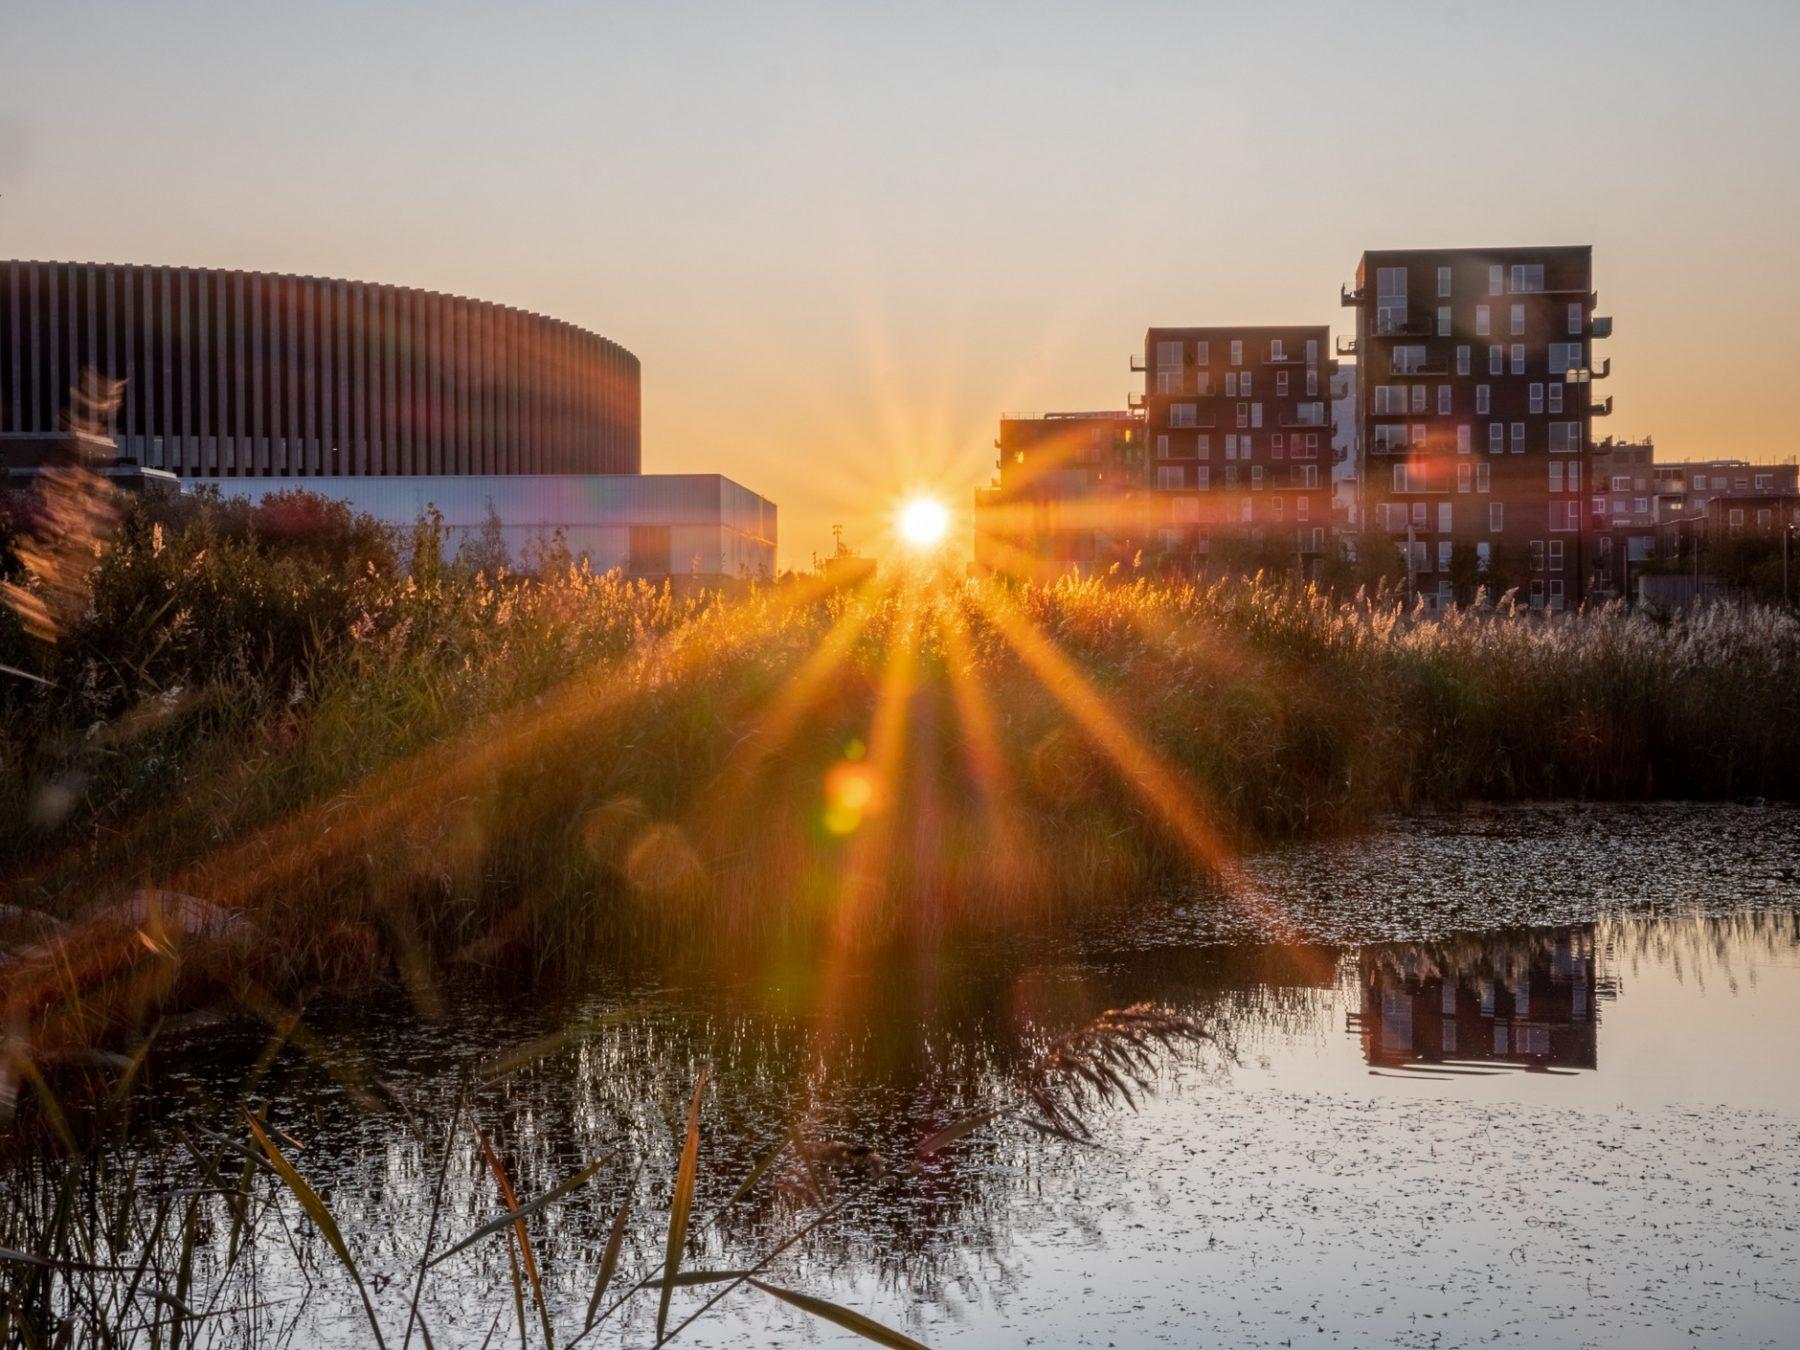 Ørestad ved solopgang, Royal Arena, efterår 2019